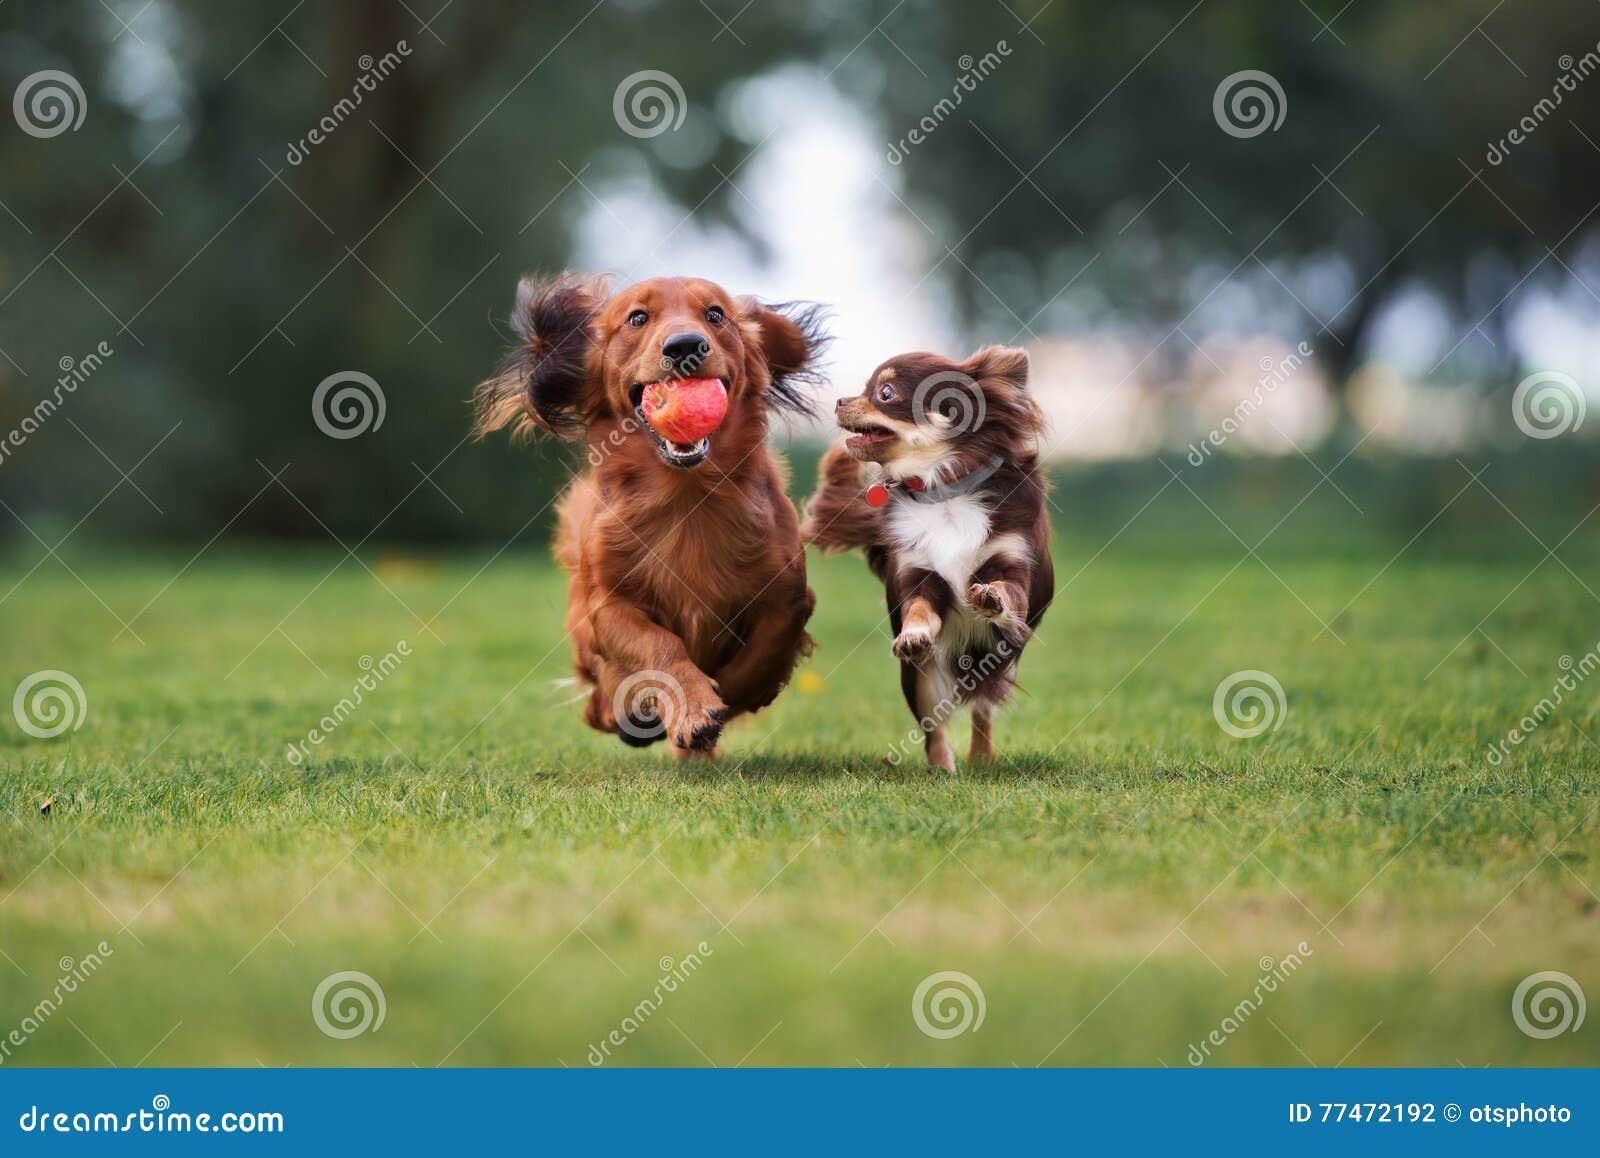 Zwei kleine Hunde, die draußen laufen